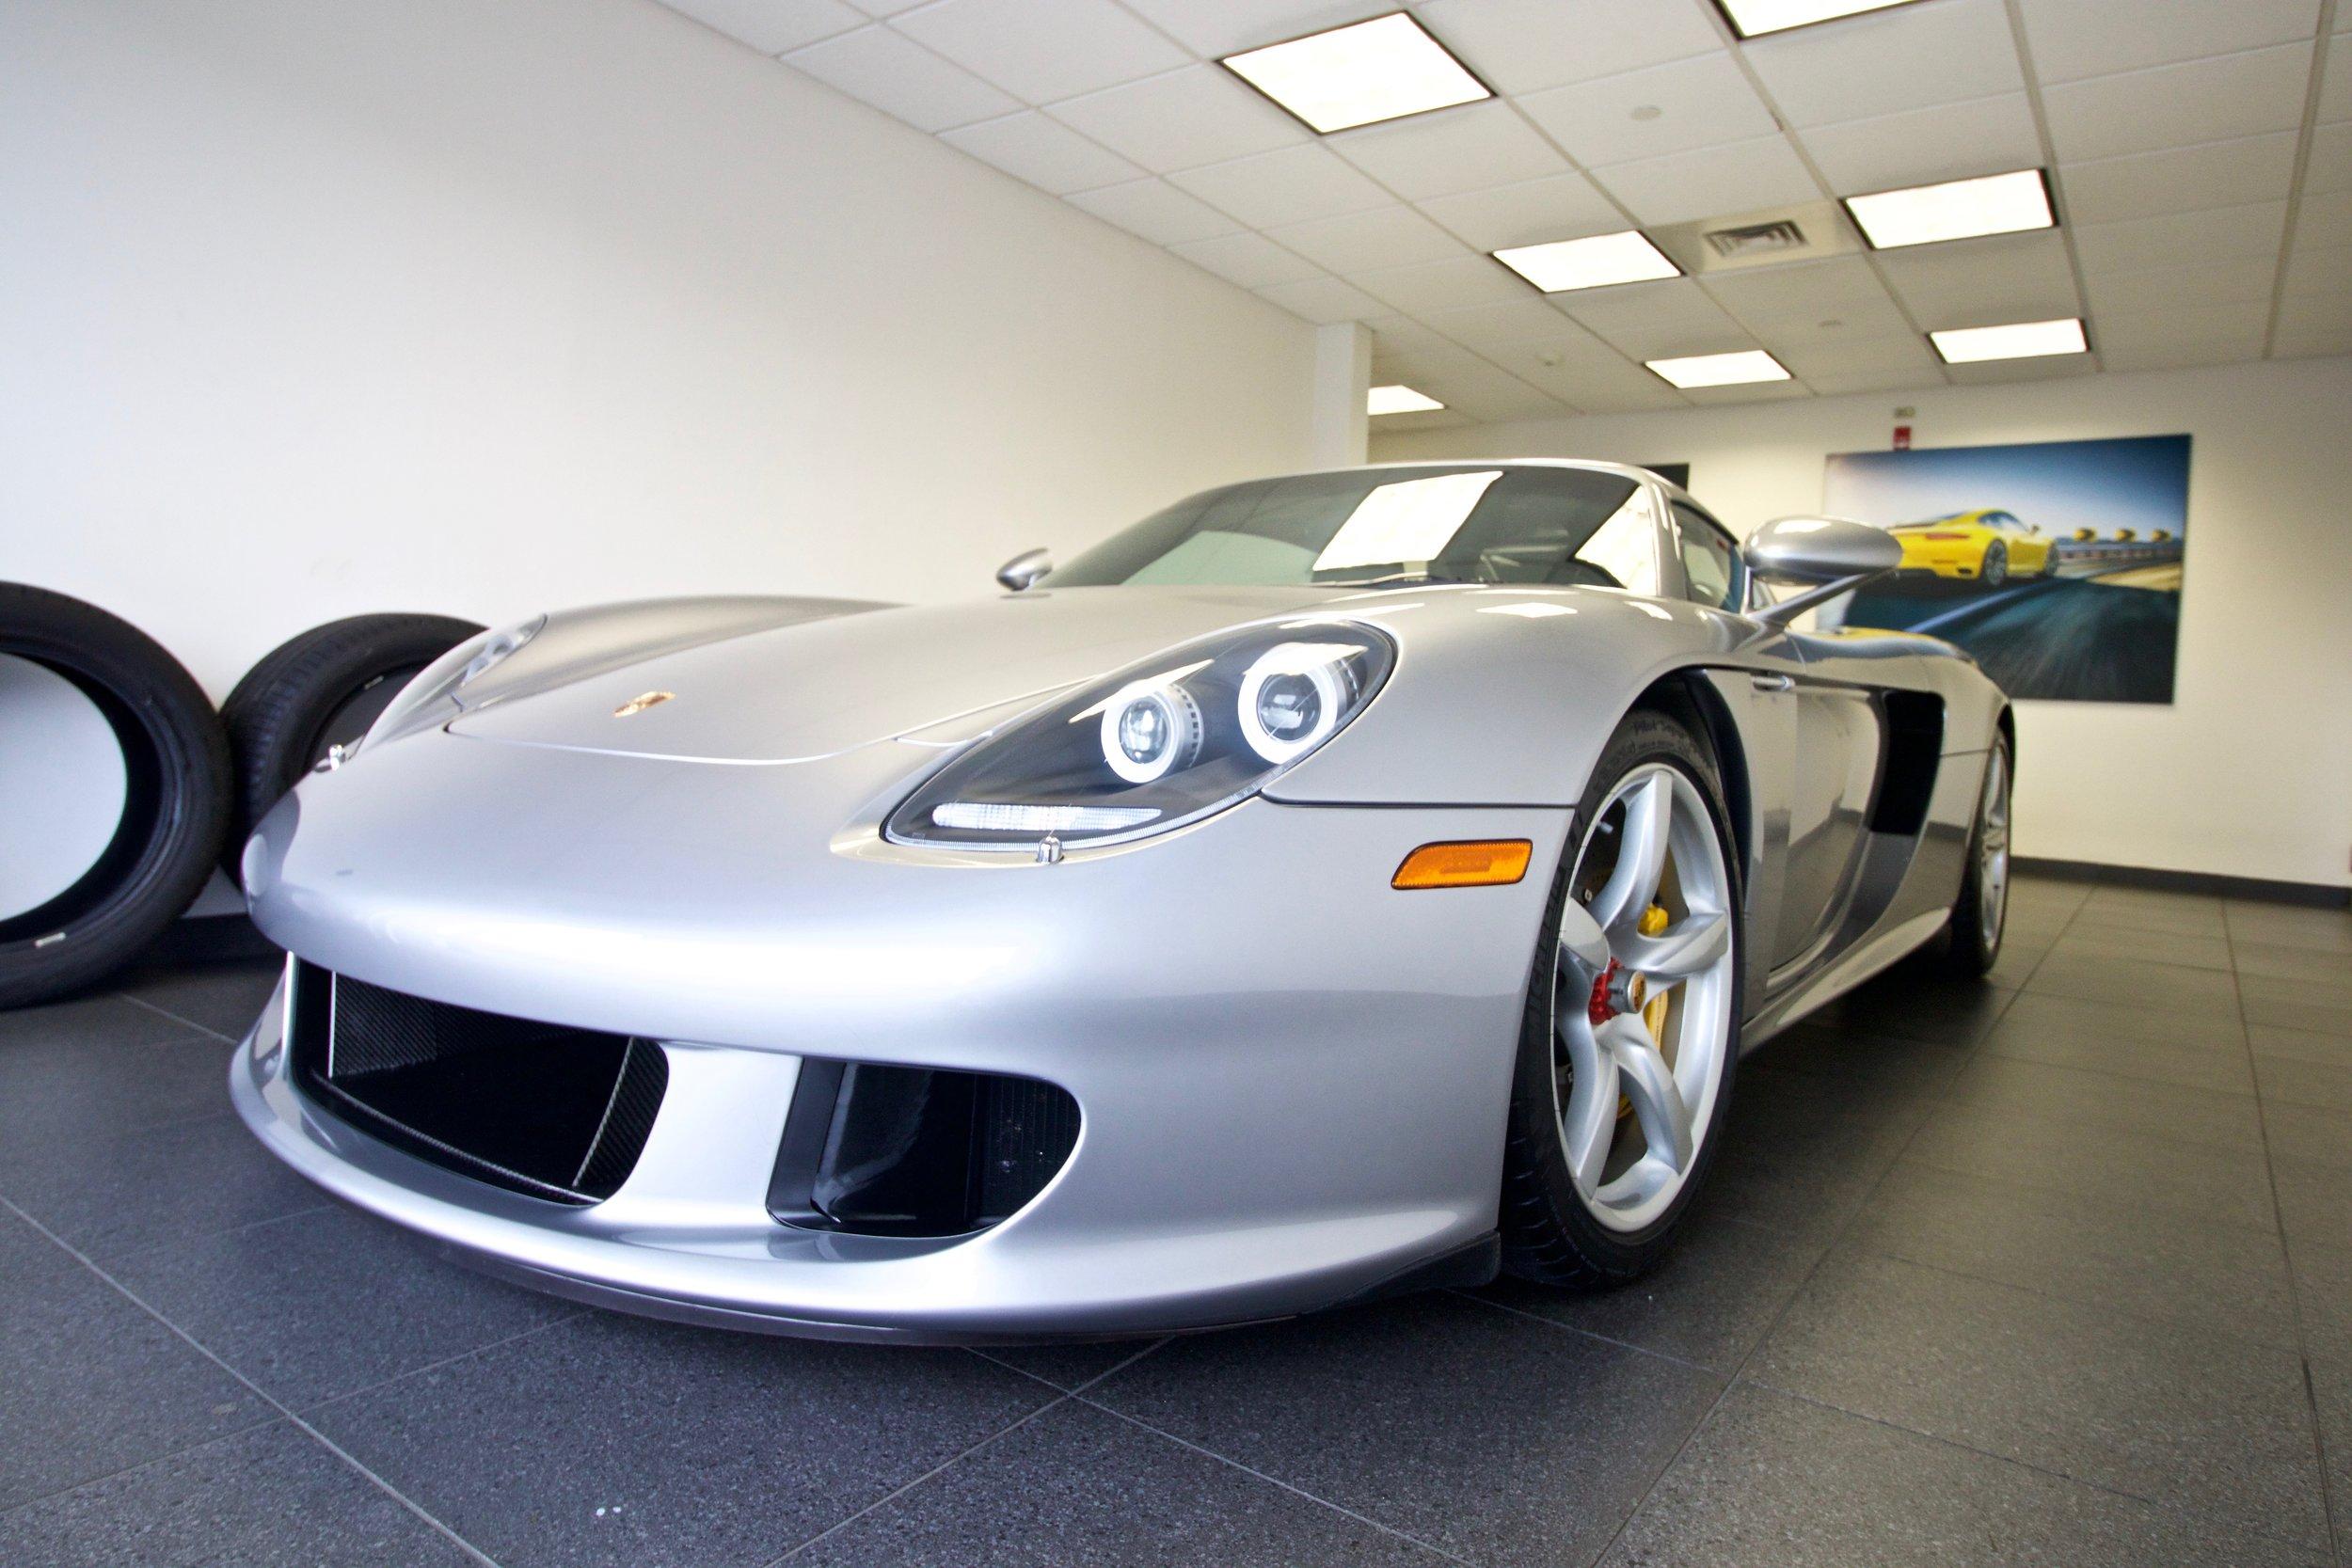 Porsche Carrera GT - Paint Protection Film - Extensive Paint Correction - CQuartz Finest Reserve